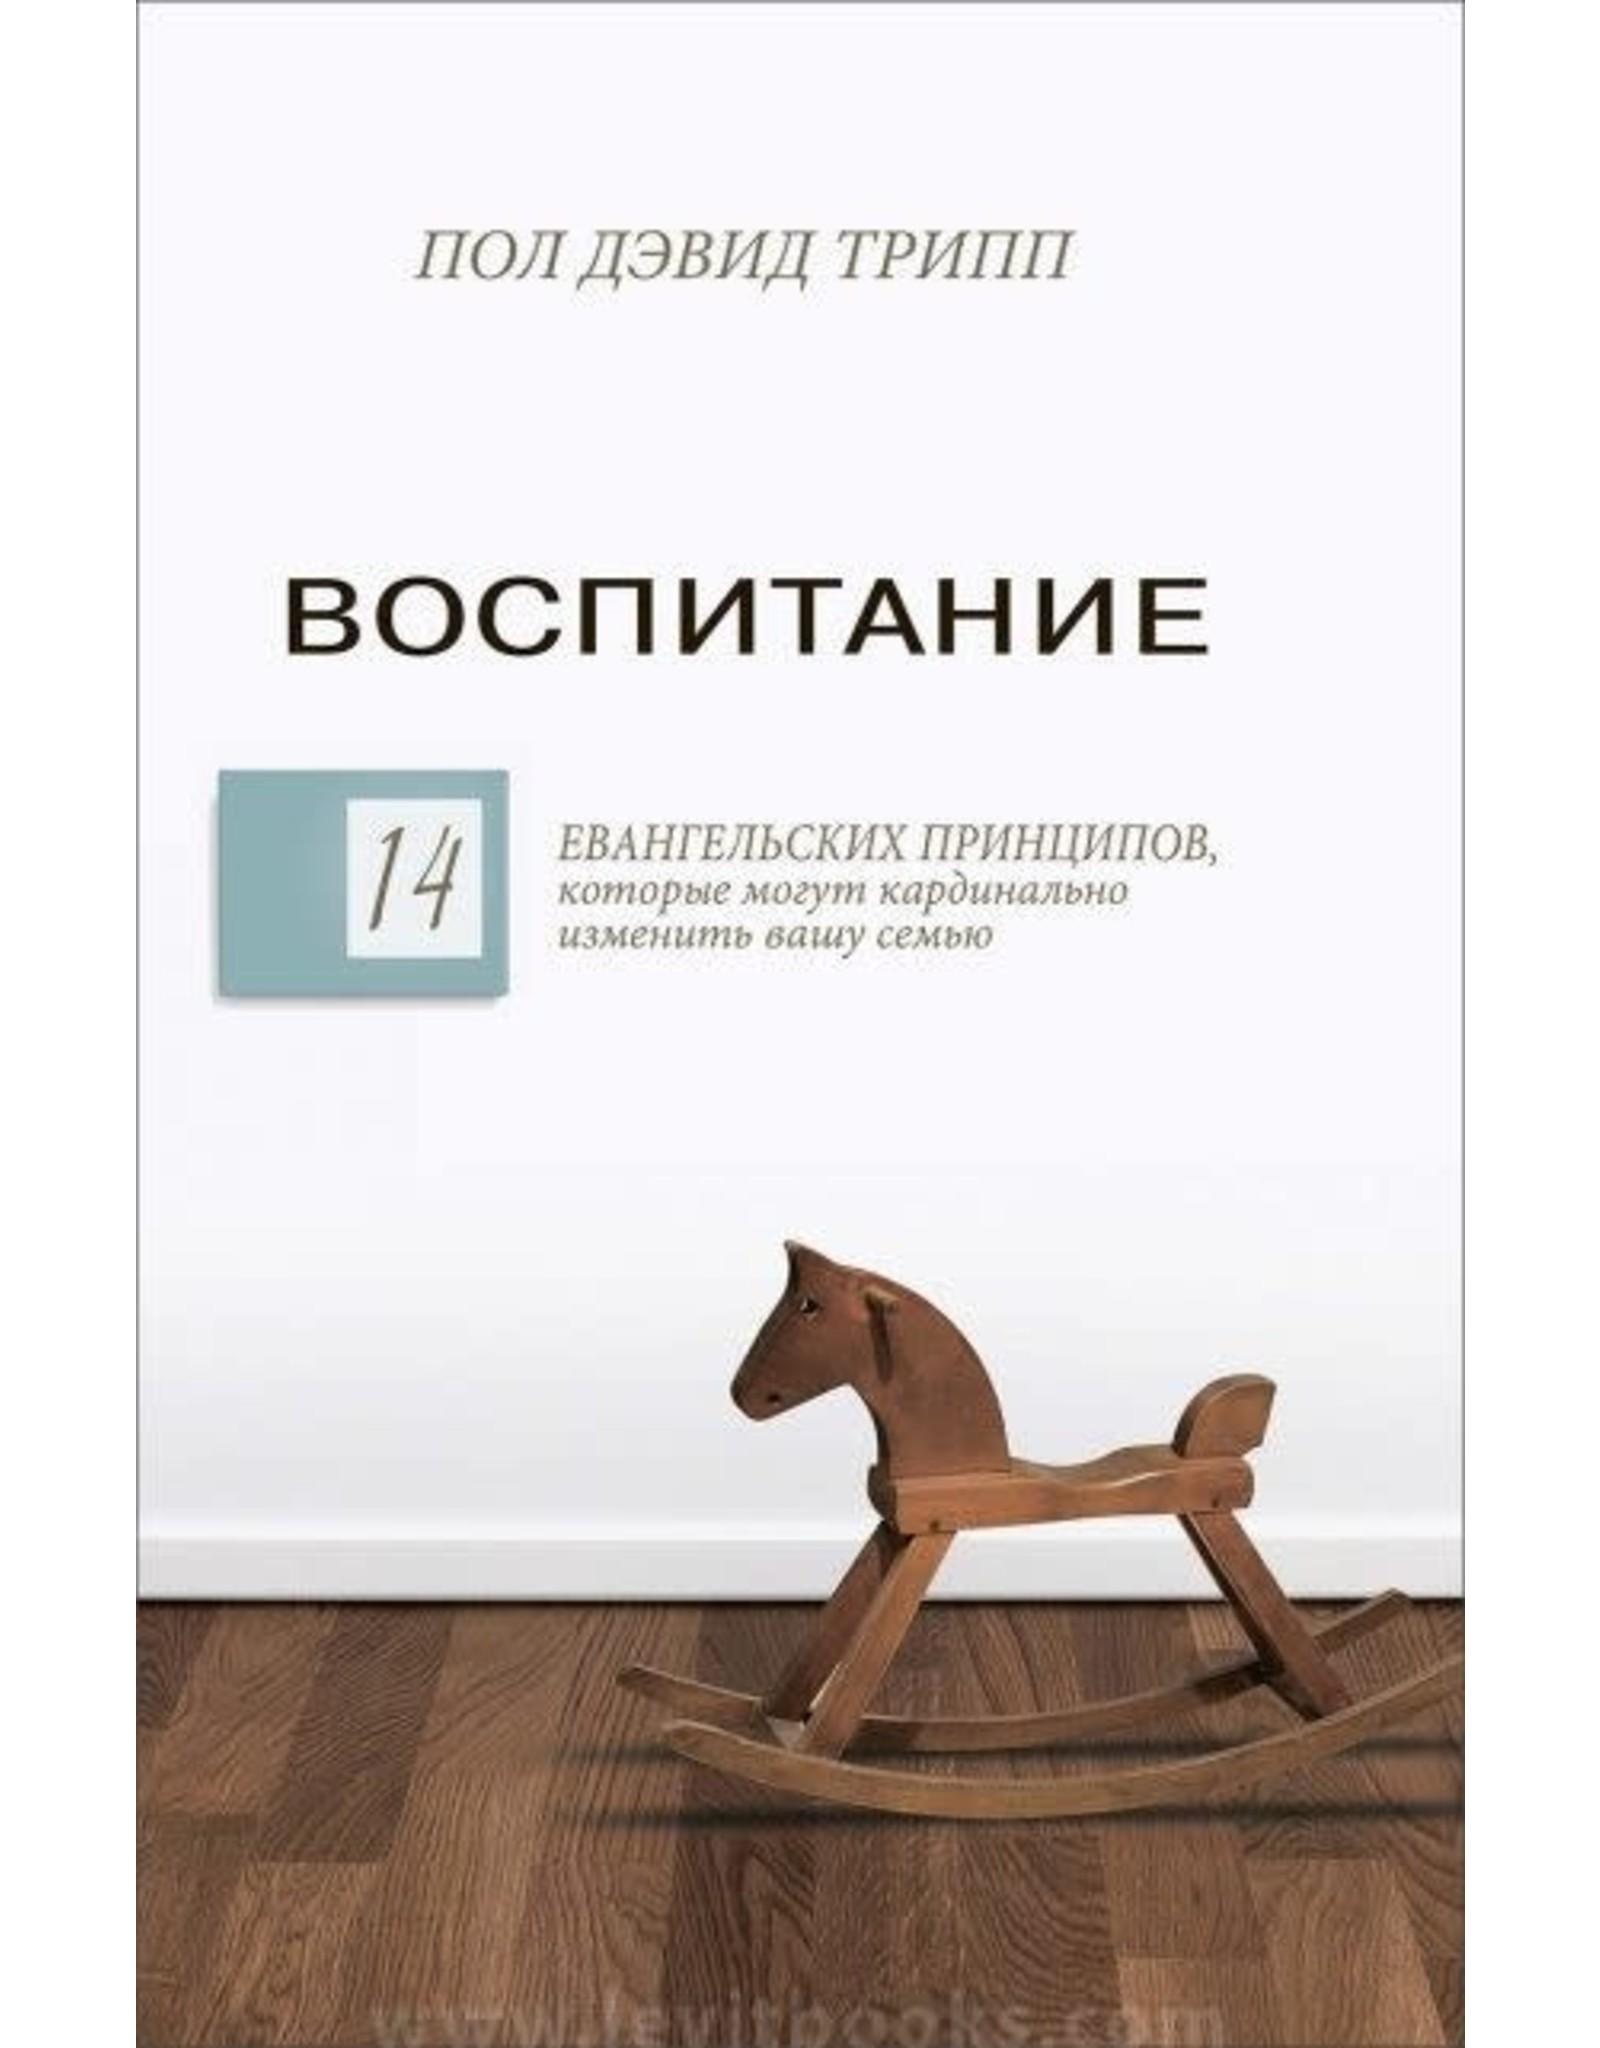 Levit Books Воспитание (Parenting)